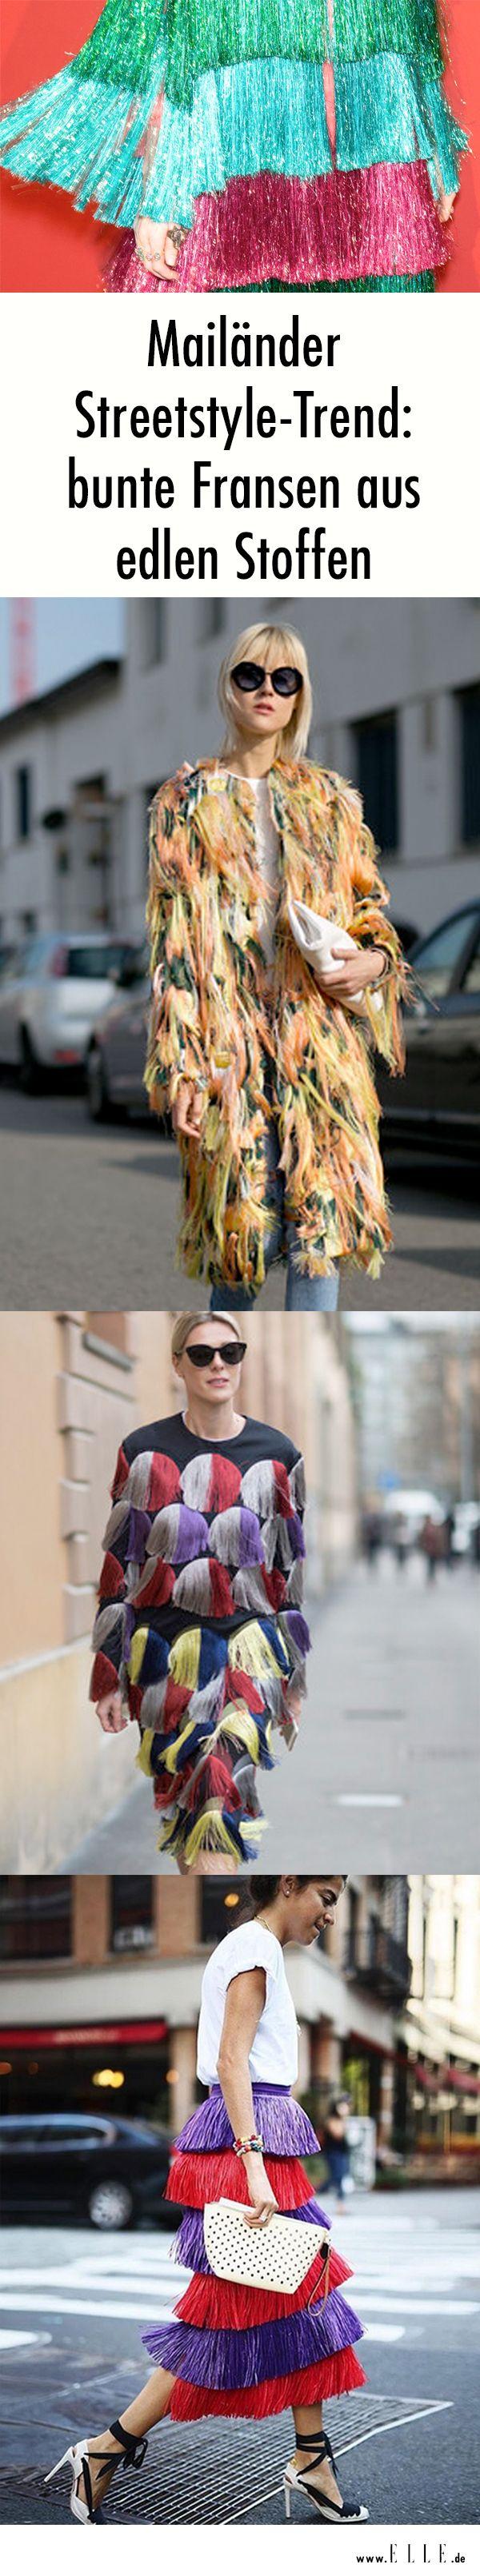 Mailänder Streetstyle-Trend: Egal ob Kleid, Mantel oder Rock – bunte Fransen aus edlen, schimmernden Stoffen werden wir demnächst wohl auch in unsere Kleiderschränke hängen.